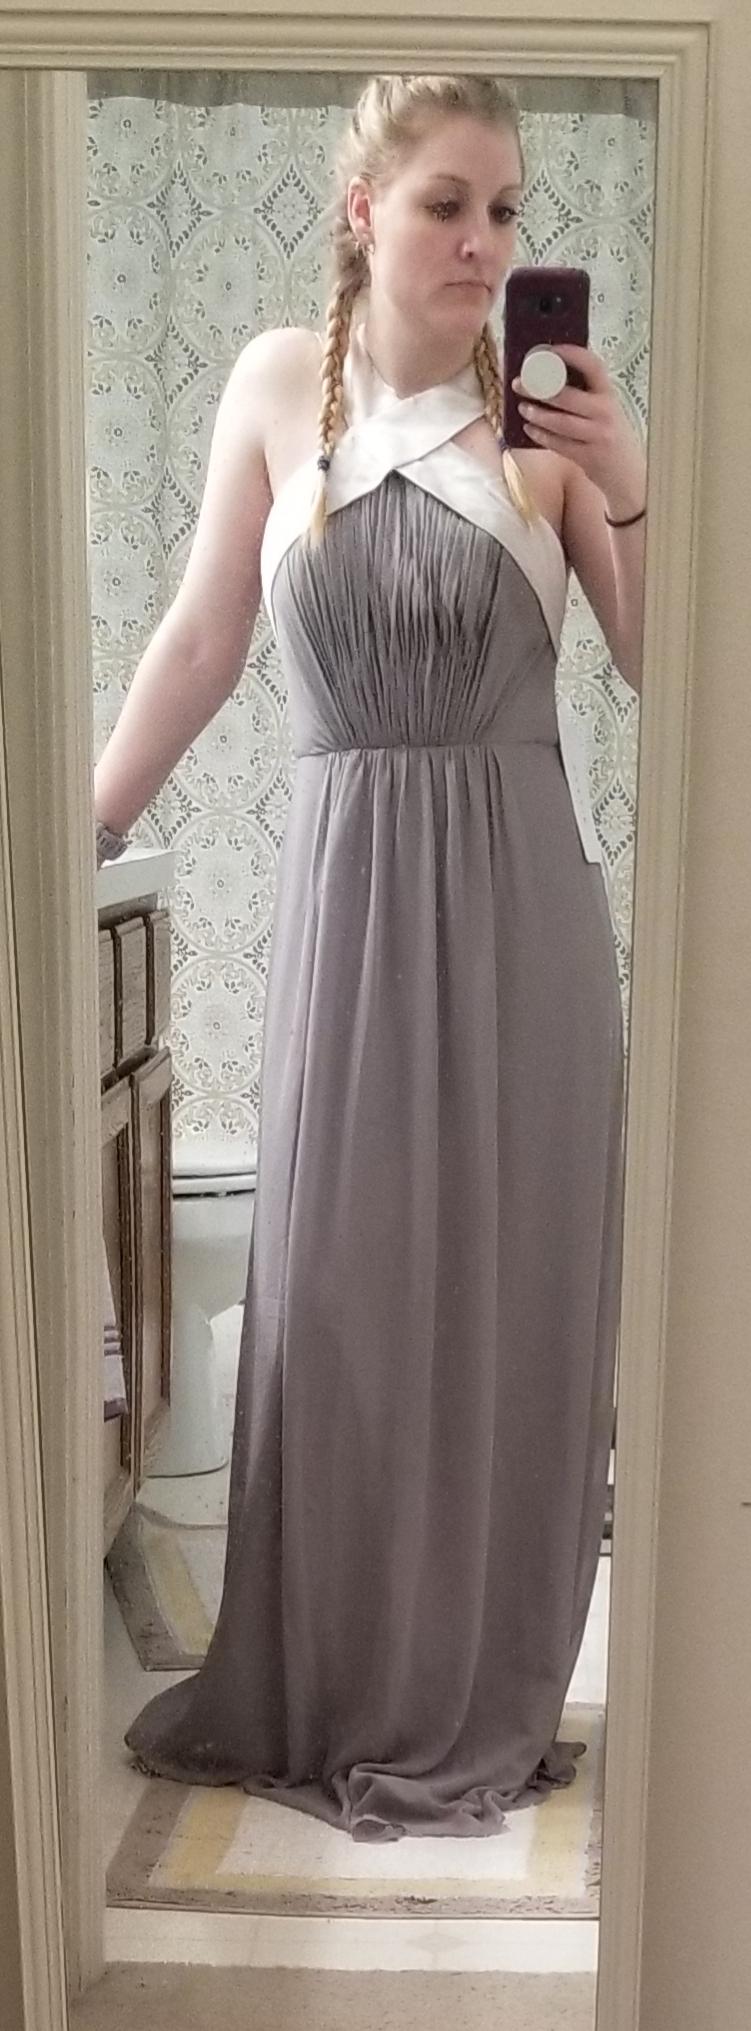 000acc21b21cca Azazie Bay Bridesmaid Dress | Azazie